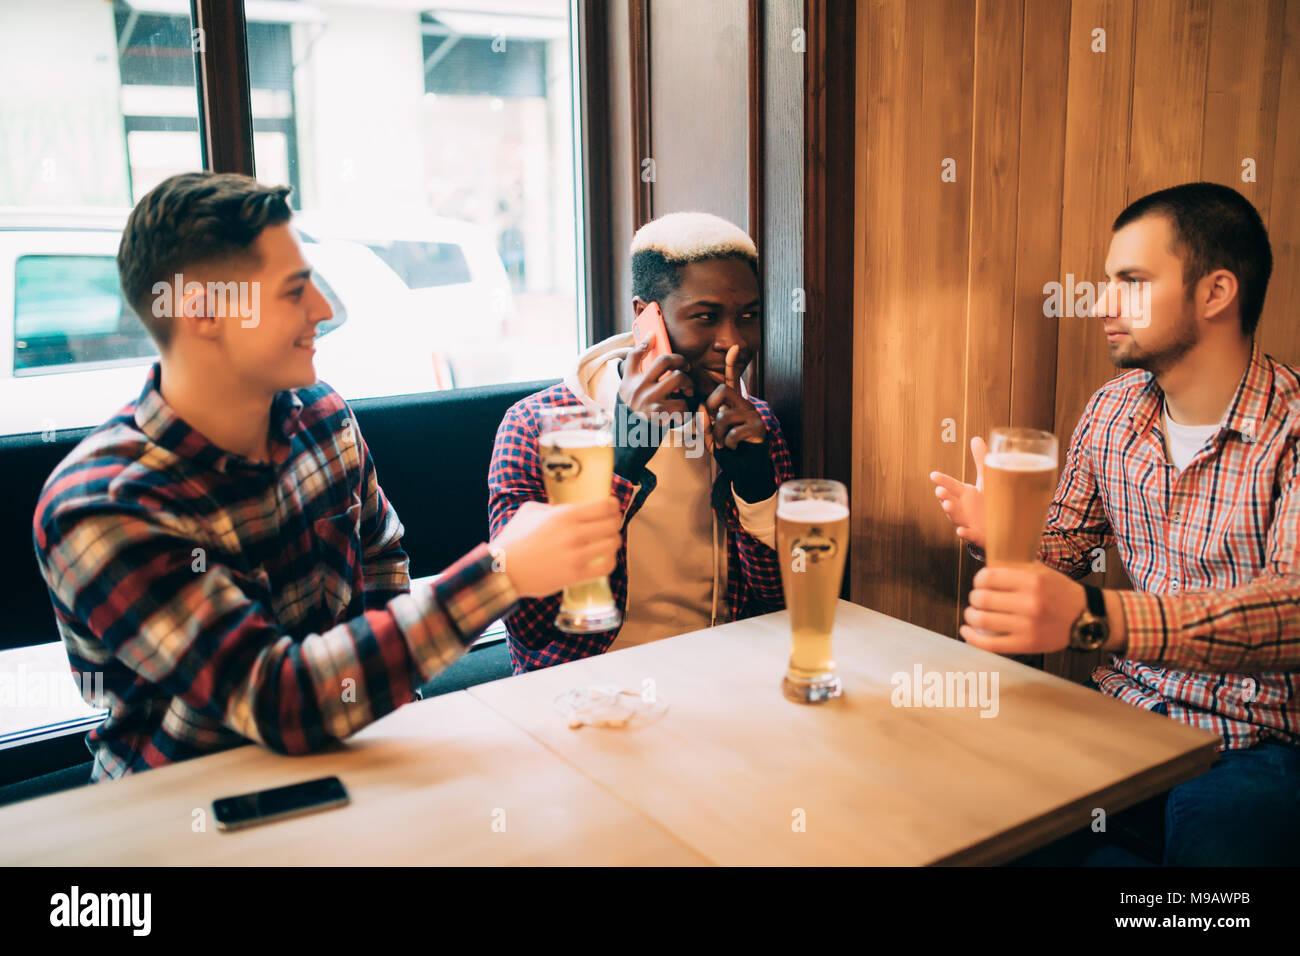 Dos amigos varones en bares están bebiendo cerveza y comunicarse mientras uno está hablando por teléfono y pidiendo silencio. Imagen De Stock